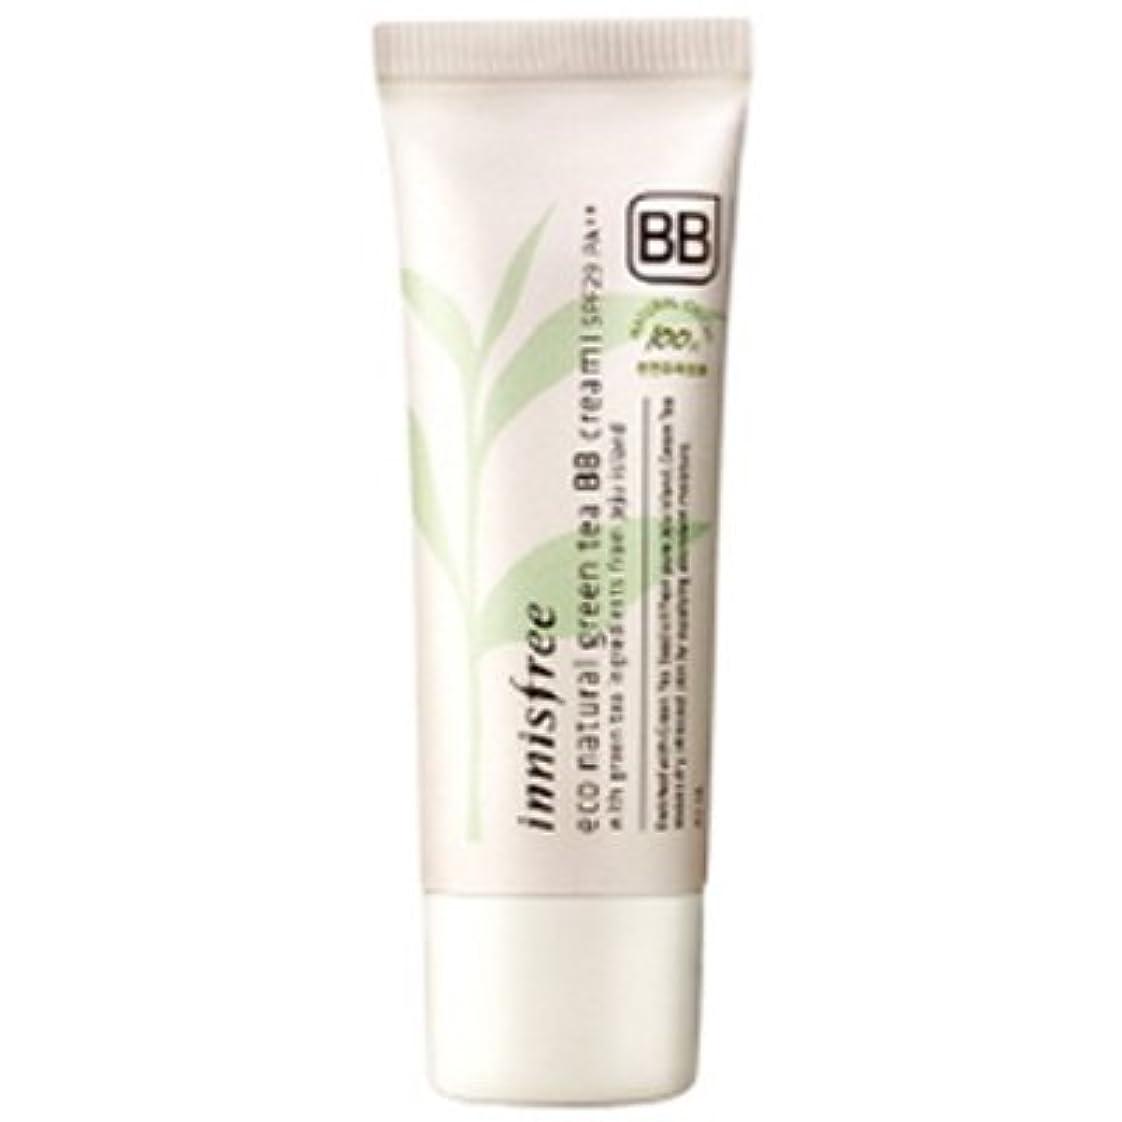 リーガン運命ハグinnisfree(イニスフリー) Eco natural green tea BB cream エコ ナチュラル グリーン ティー BB クリーム SPF29/PA++ 40ml #1:ライトベージュ